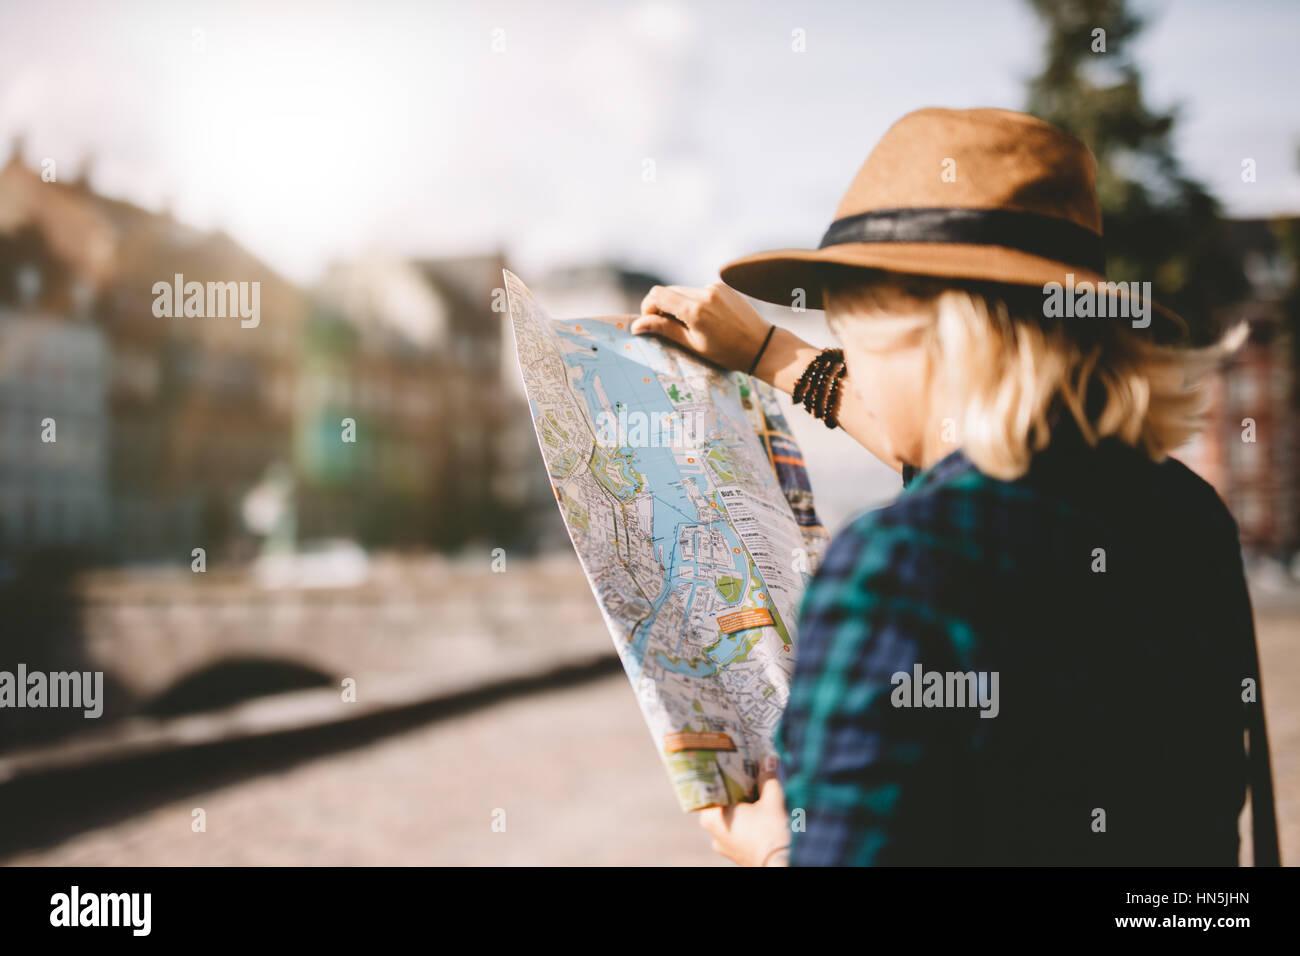 Vista lateral de la joven mujer vistiendo hat mirando un mapa de la ciudad. El turista que busca la ruta de navegación Imagen De Stock